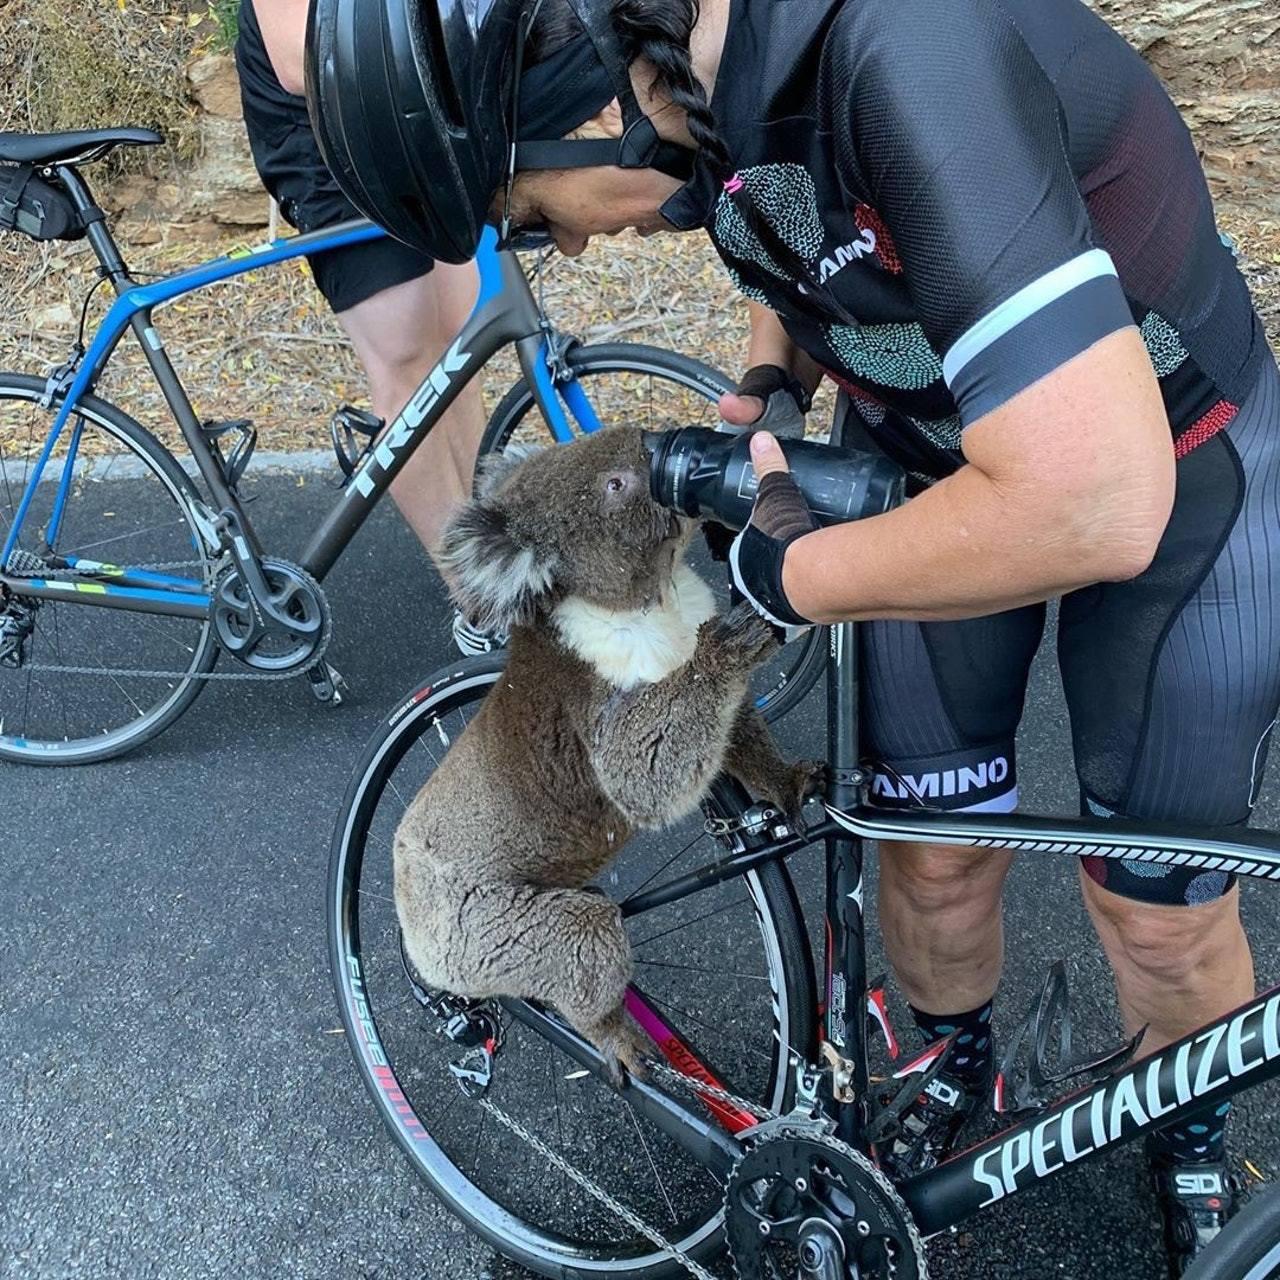 安娜拿出水壺讓樹熊飲水,樹熊即爬上單車喝水。 bikebug2019 FB圖片